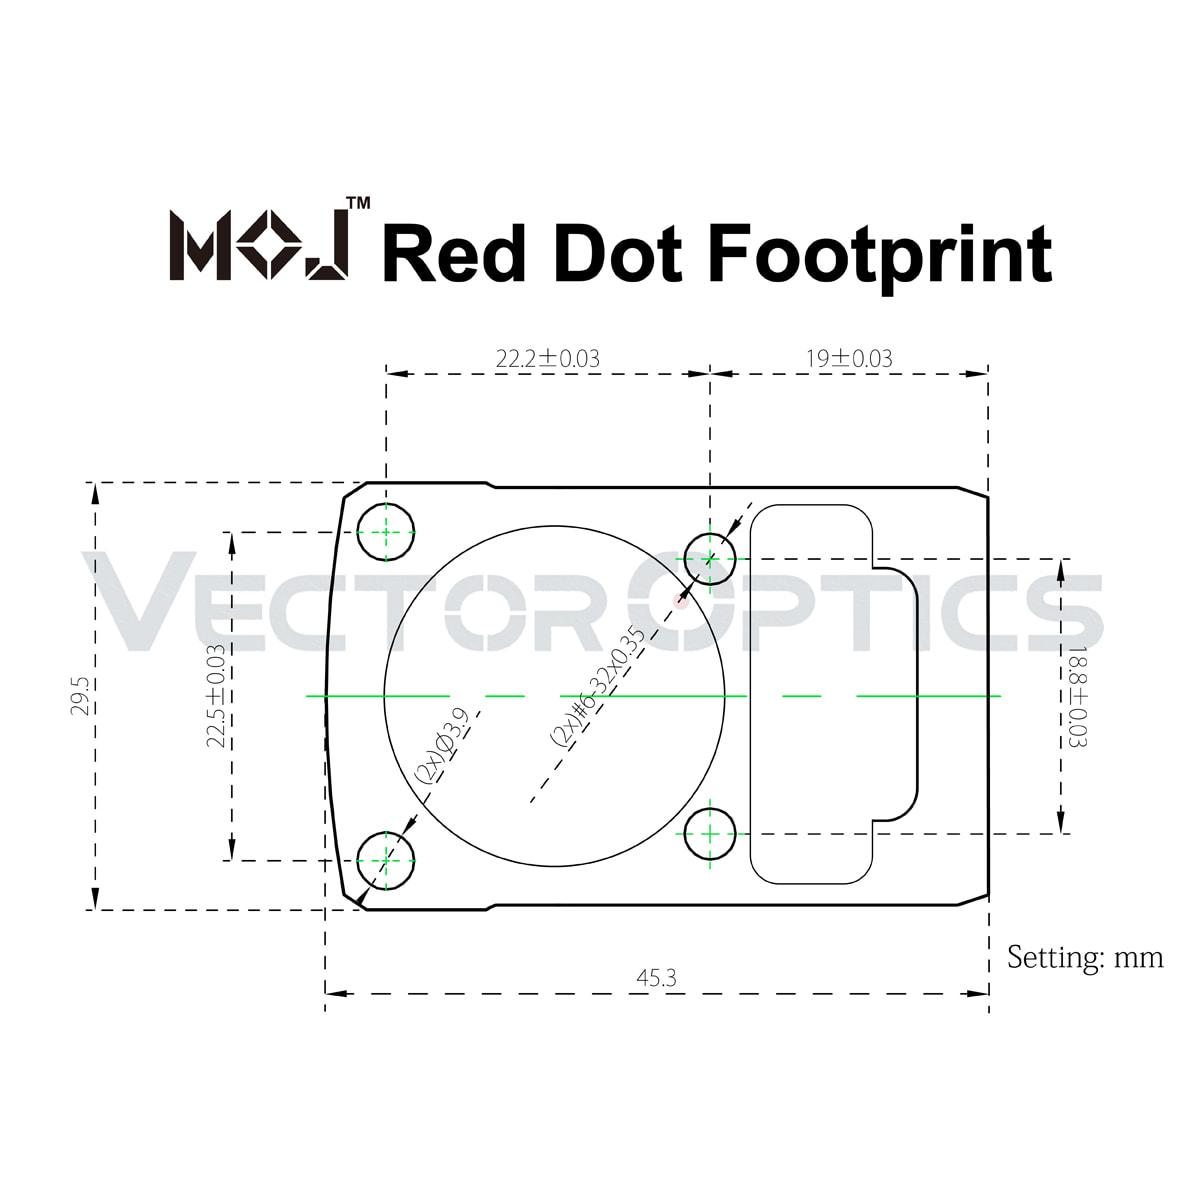 VO MOJ Footprint Acom Diagram - 副本